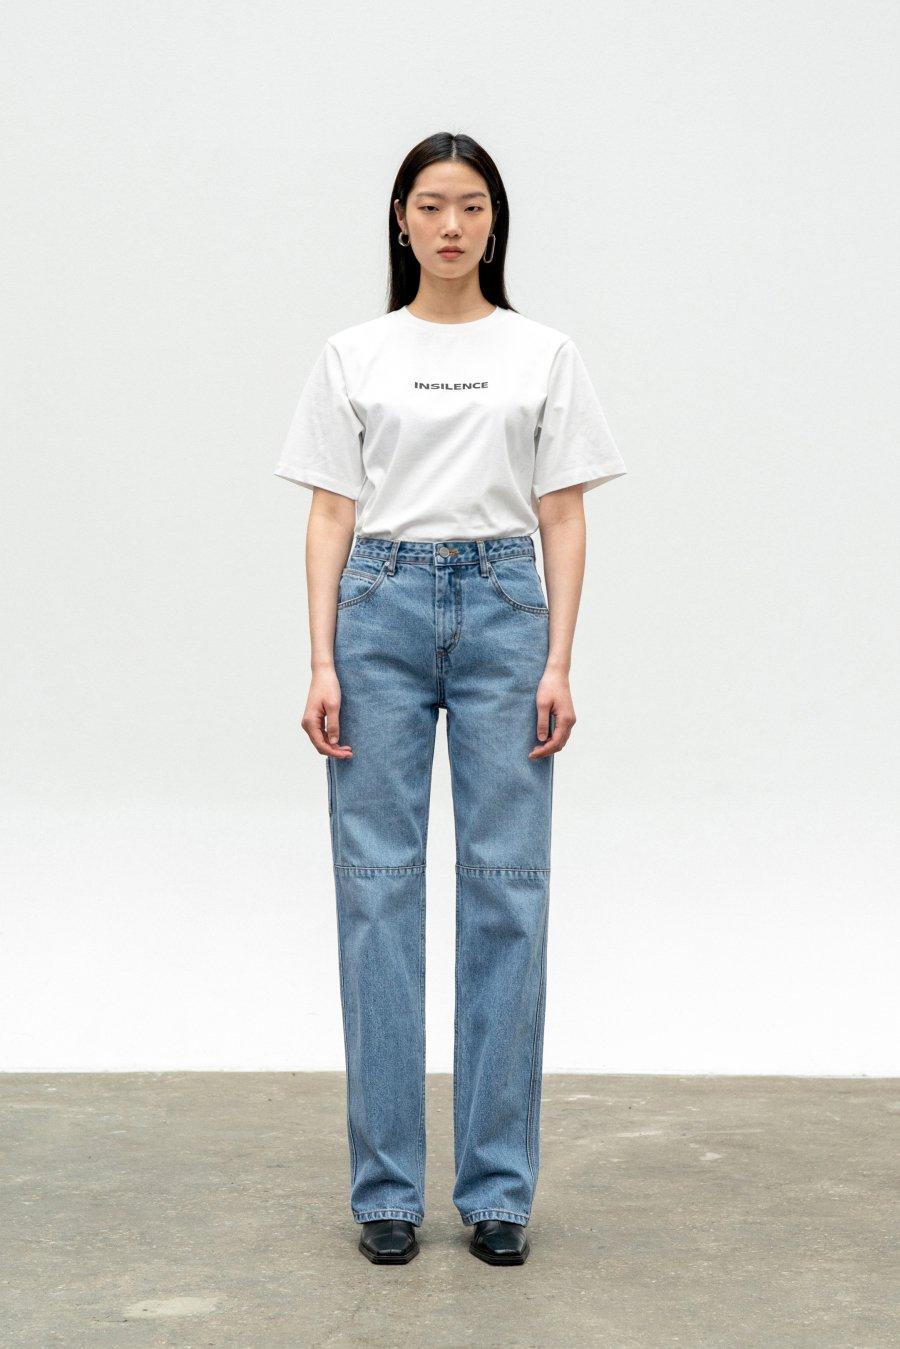 인사일런스 우먼(INSILENCE WOMEN) 로고 티셔츠 WHITE